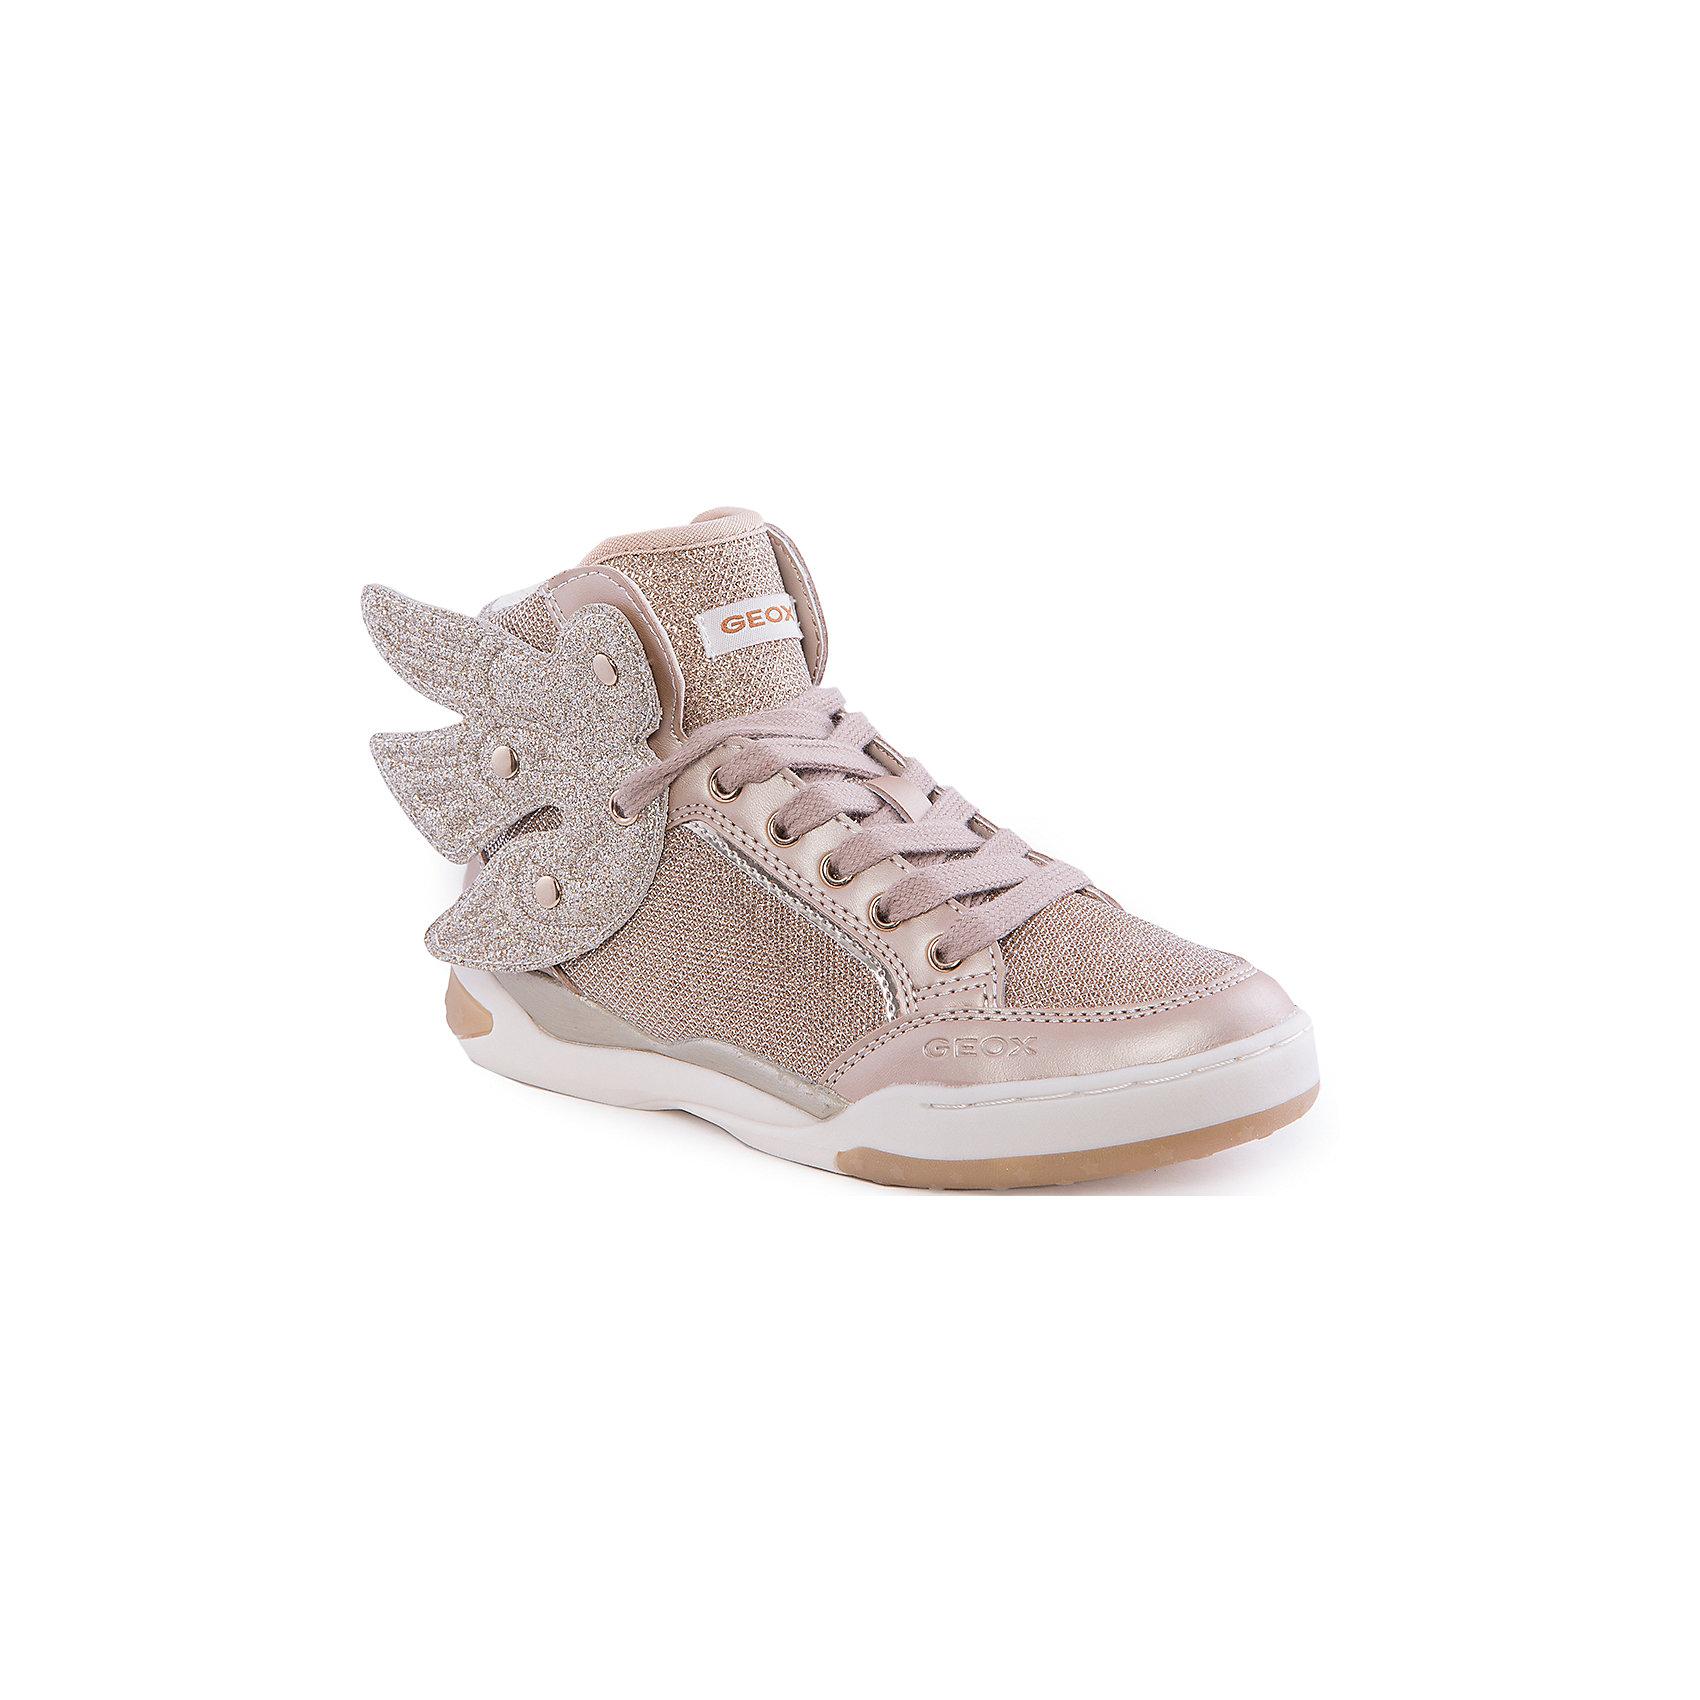 Кроссовки для девочки GEOXКроссовки для девочки от популярной марки GEOX (Геокс).<br><br>Оригинальные золотистые кроссовки - отличная обувь для нового весеннего сезона. В таких кроссовках девочка обязательно привлечет внимание!<br>Производитель обуви заботится не только о внешнем виде, но и стабильно высоком качестве продукции. GEOX (Геокс) разработал специальную дышащую подошву, которая не пропускает влагу внутрь, а также высокотехнологичную стельку.<br><br>Отличительные особенности модели:<br><br>- цвет: золотой;<br>- декорированы золотистыми элементами, крыльями;<br>- гибкая водоотталкивающая подошва с дышащей мембраной;<br>- мягкий и легкий верх;<br>- защита пальцев и пятки;<br>- стильный дизайн;<br>- удобная шнуровка, молния;<br>- комфортное облегание;<br>- верх обуви и подкладка сделаны без использования хрома.<br><br>Дополнительная информация:<br><br>- Температурный режим: от +10° С до 25° С.<br><br>- Состав:<br><br>материал верха: текстиль, синтетический материал<br>материал подкладки: текстиль<br>подошва: 100% резина<br><br>Кроссовки для девочки GEOX (Геокс) (Геокс) можно купить в нашем магазине.<br><br>Ширина мм: 250<br>Глубина мм: 150<br>Высота мм: 150<br>Вес г: 250<br>Цвет: золотой<br>Возраст от месяцев: 96<br>Возраст до месяцев: 108<br>Пол: Женский<br>Возраст: Детский<br>Размер: 32,28,30,29,31,34,35,36,33<br>SKU: 4519075